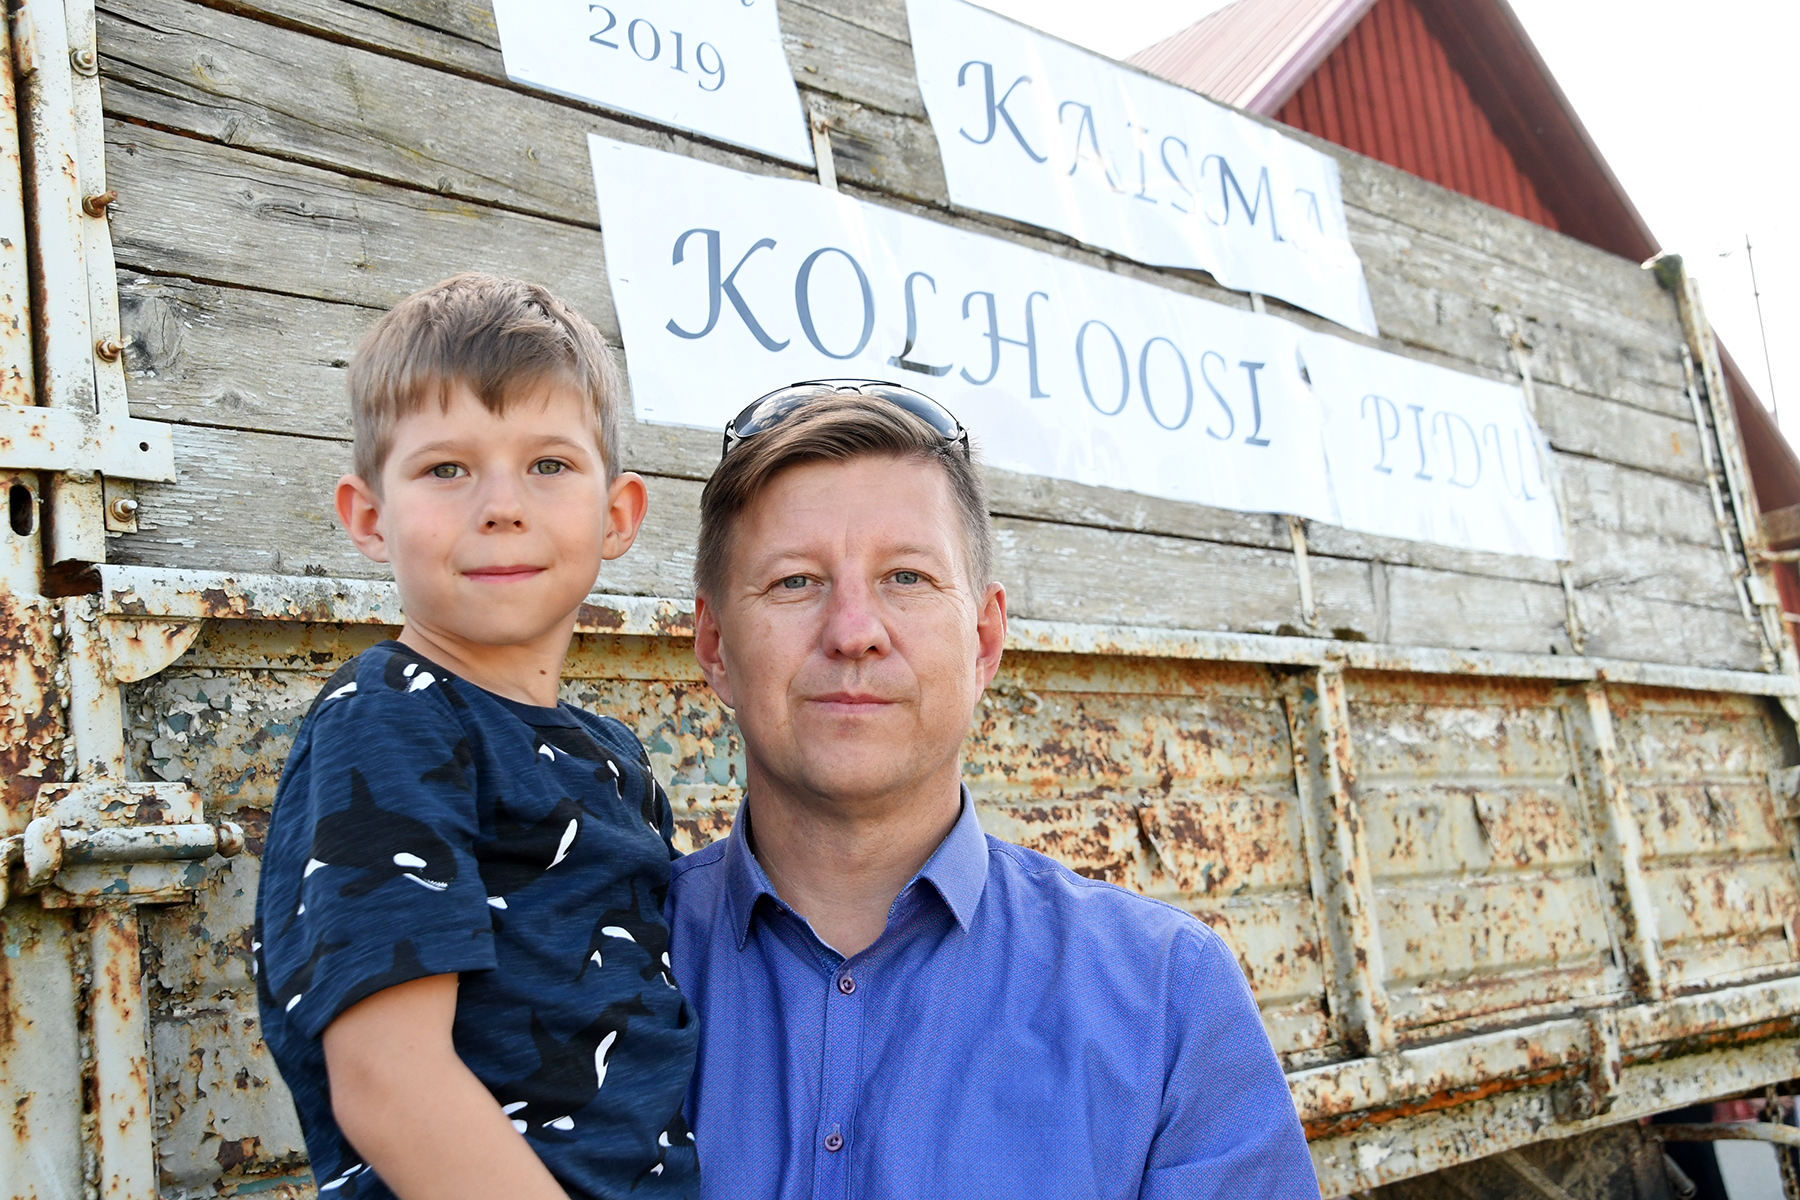 Tarmo Lehiste, OÜ Kaisma nõukogu esimees ja tema poeg Sander Kaisma kolhoosi 70. aastapäeva tähistamisel. Foto Urmas Saard